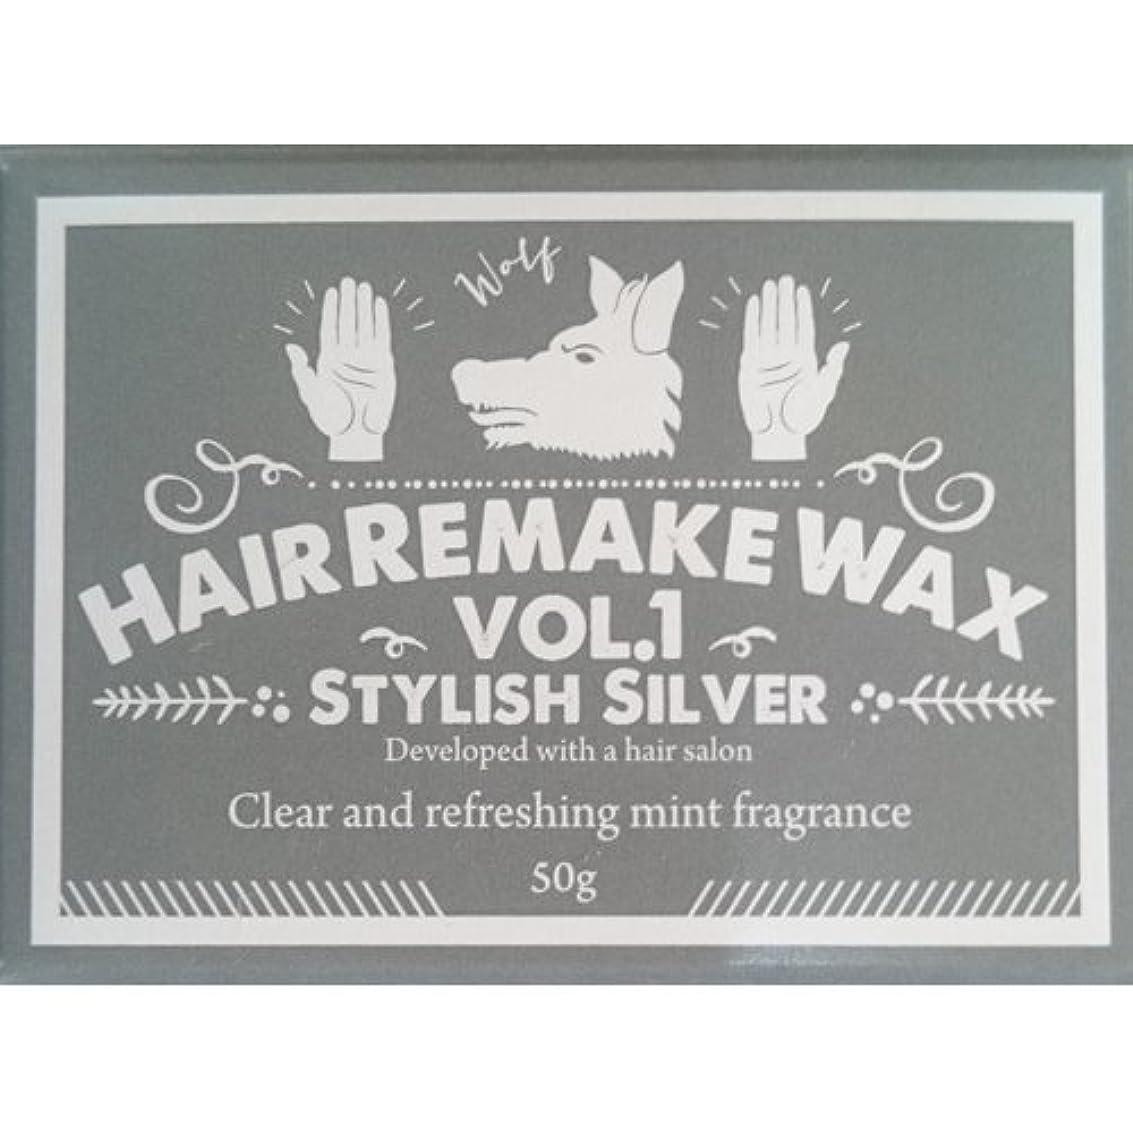 気絶させる交流する放射するHair Remake(ヘアーリメイク)WAX Vol.1 スタイリッシュシルバー 50g